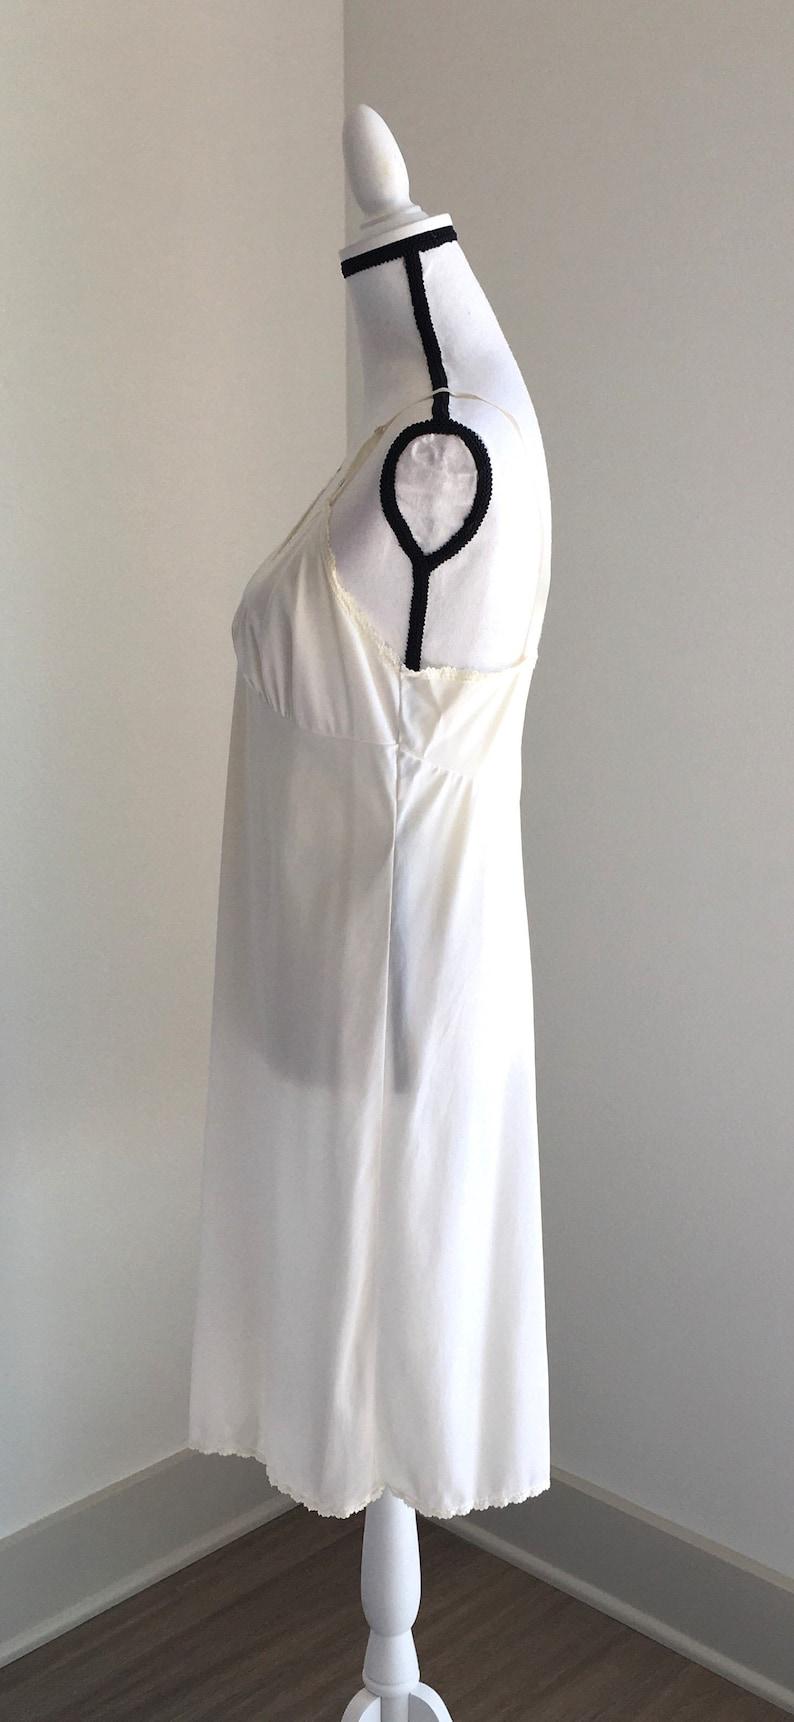 Vintage Kayser,1960s Dress Slip,1960s Nylon Full Slip,Vintage Ivory Nylon Slip,Vintage Midi Slip,Vintage Slip with Lace